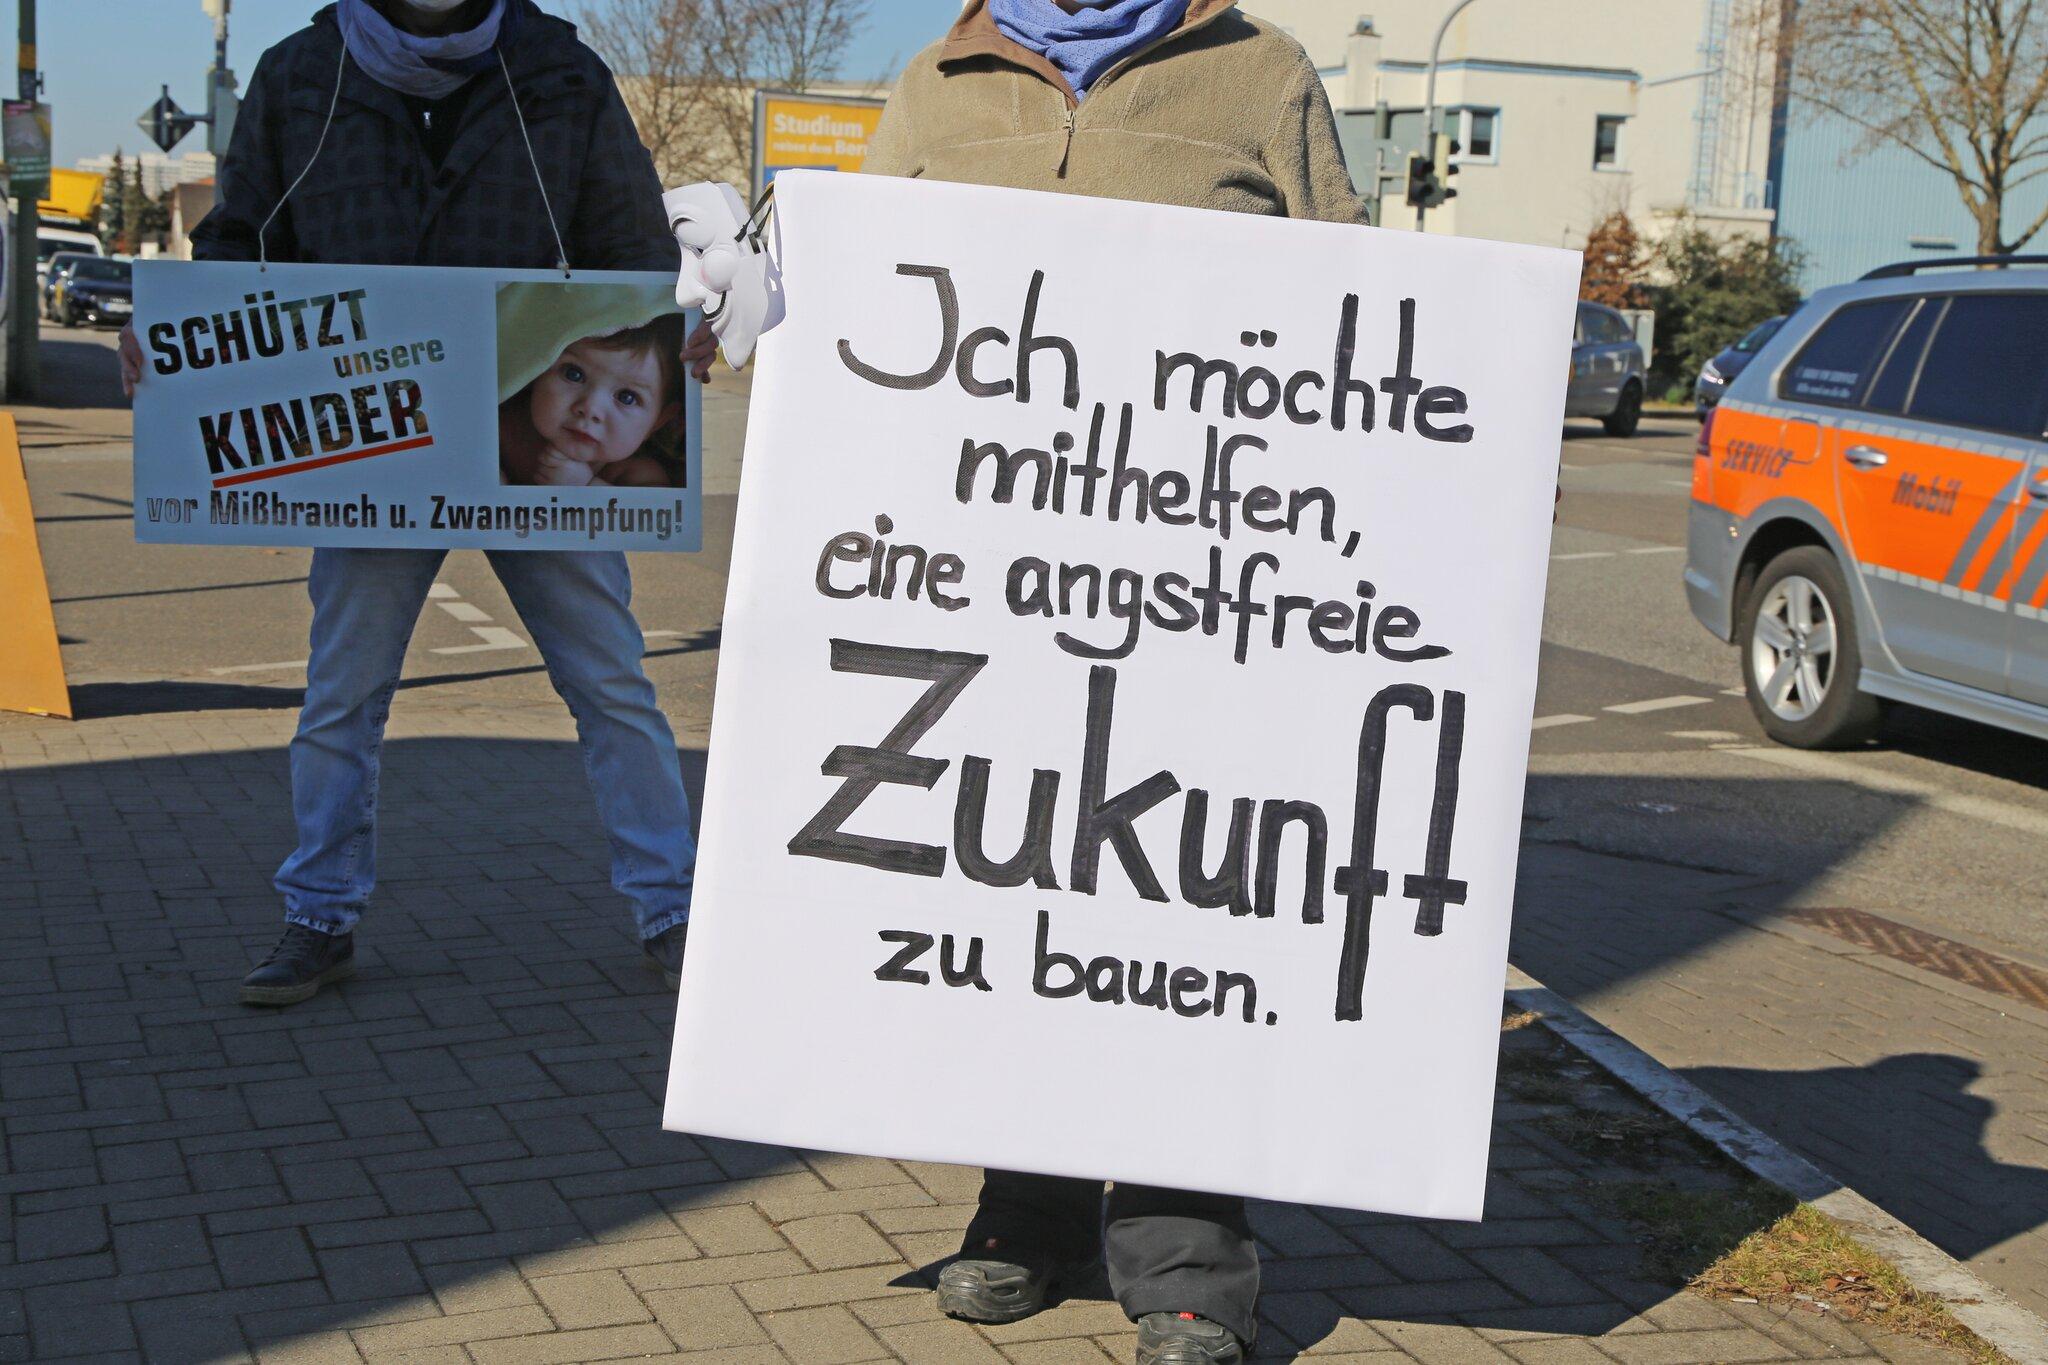 Demonstranten-u-ern-in-der-Industriestra-e-mit-einer-genehmigten-Schilderaktion-ihre-Kritik-an-der-Coronapolitik